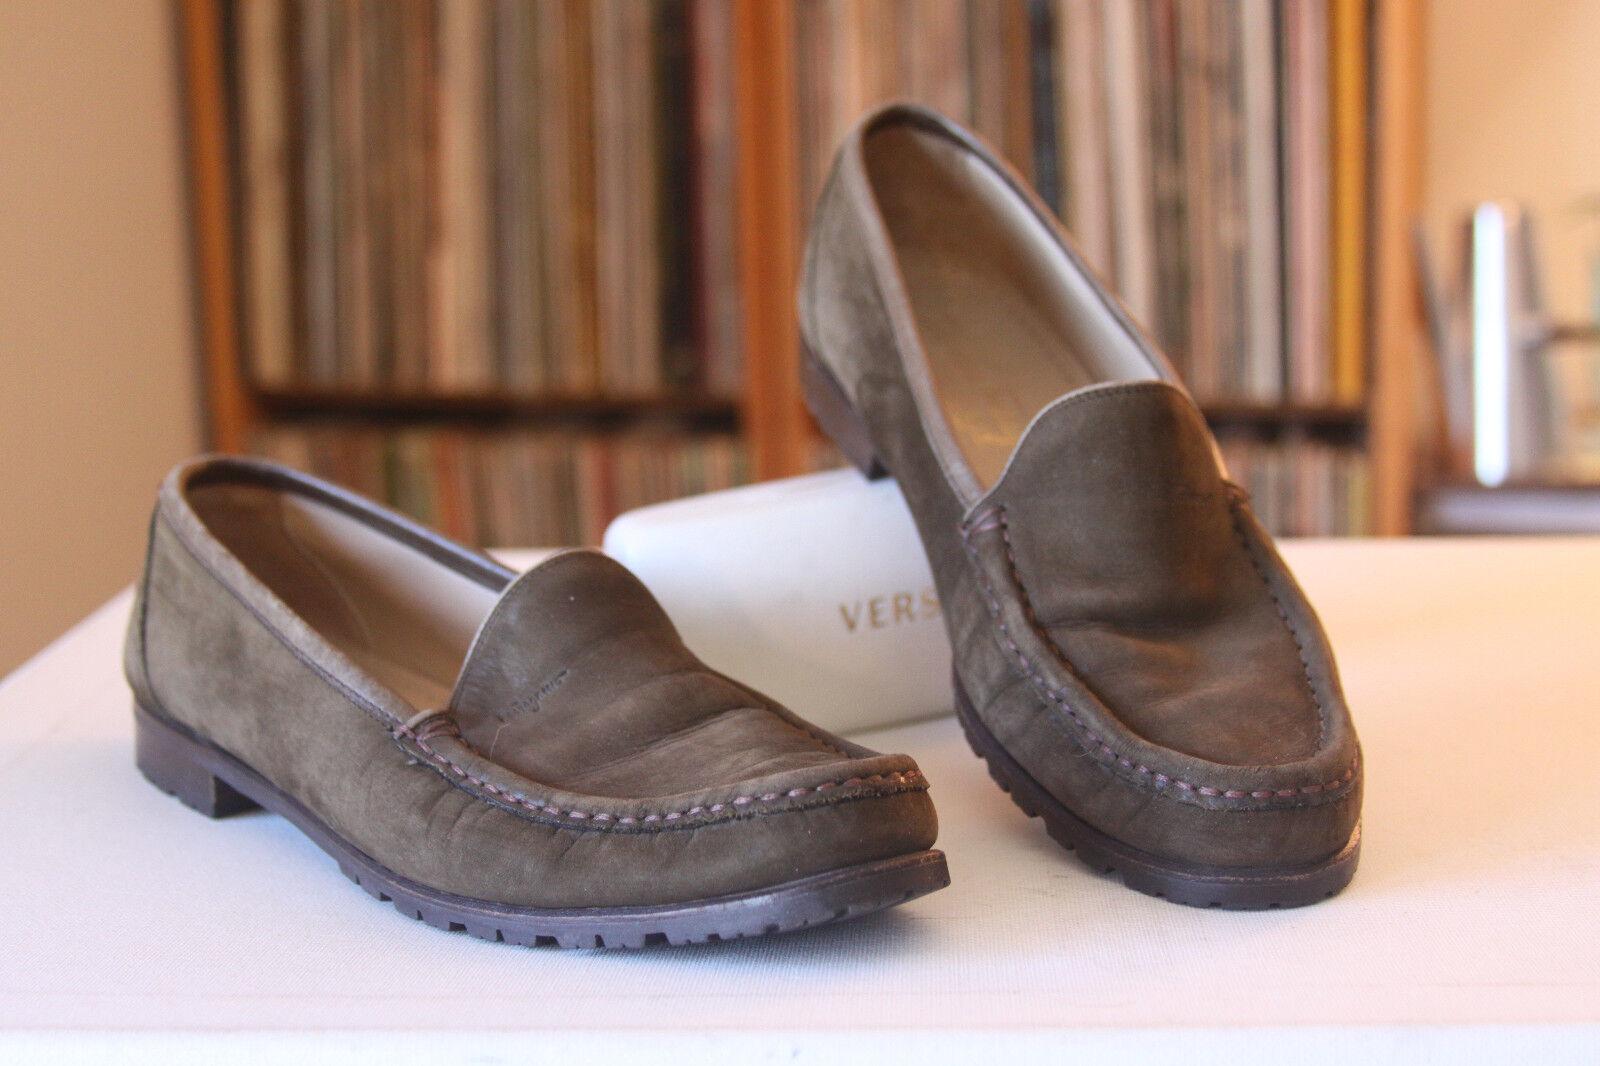 Salvatore Ferragamo Sport Braun Nubuck Suede Loafers Größe 9.5 AA Made In